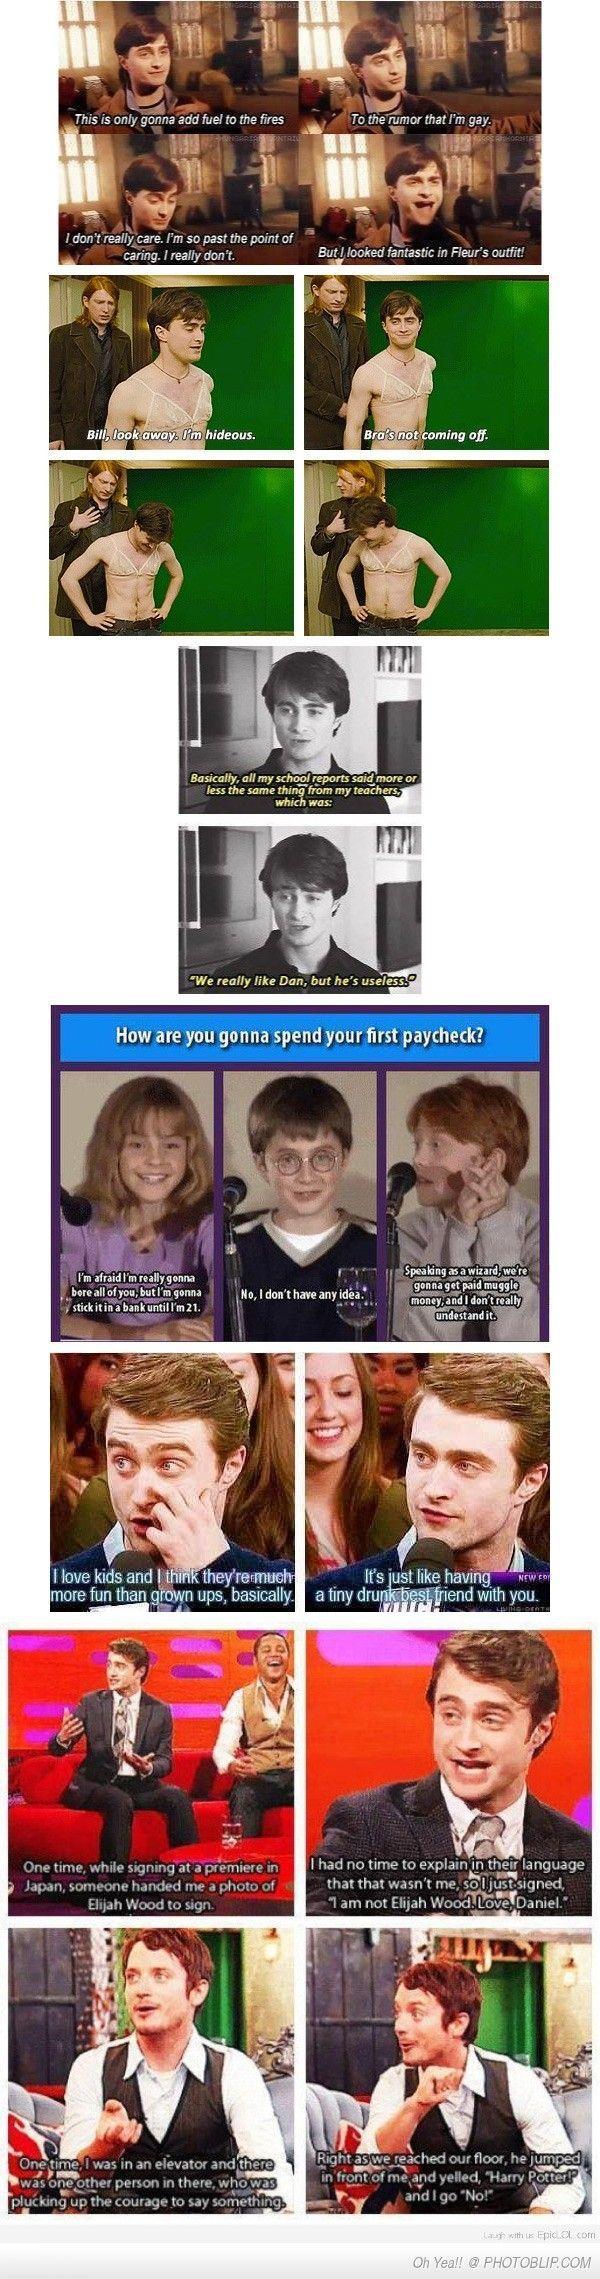 More reasons why Dan is my soulmate